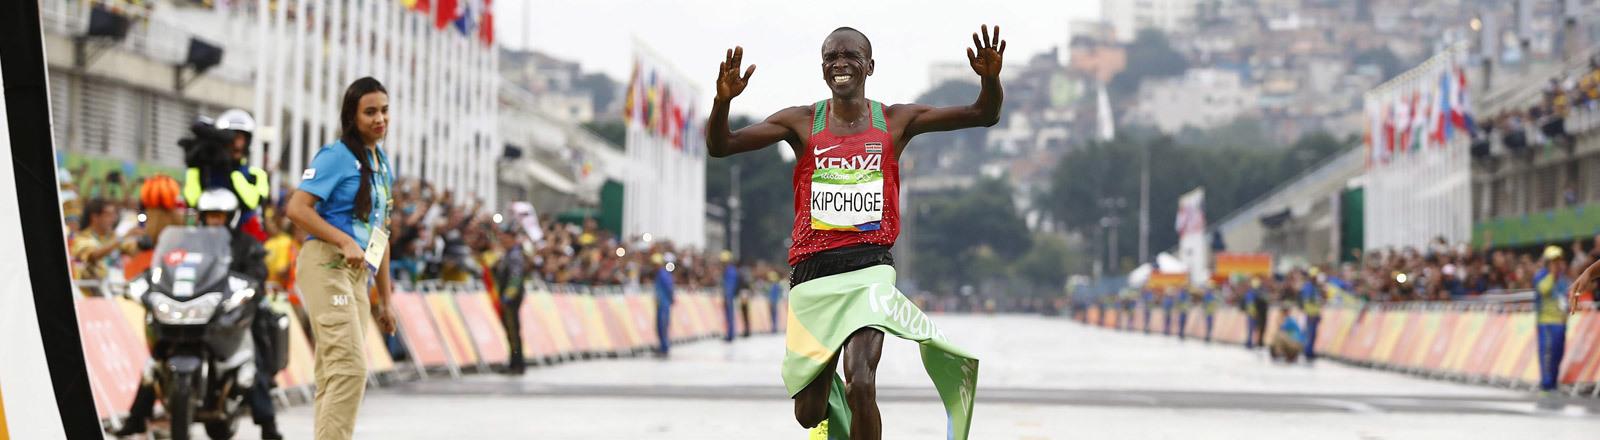 Eliud Kipchoge  beim Marathon